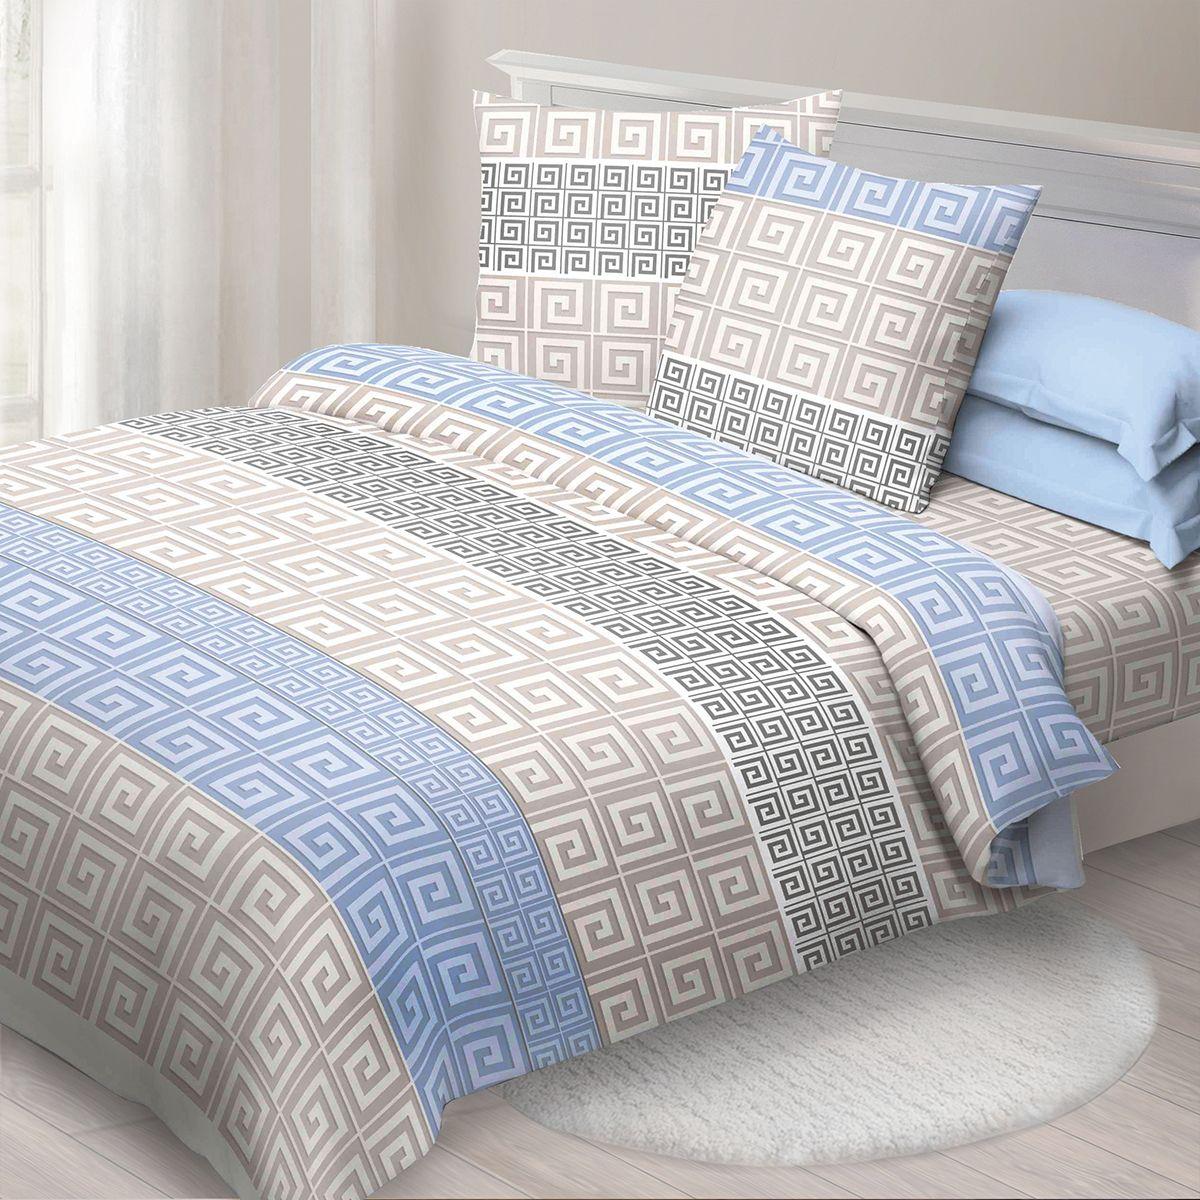 Комплект белья Спал Спалыч Меандр, cемейный, наволочки 70x70, цвет: голубой